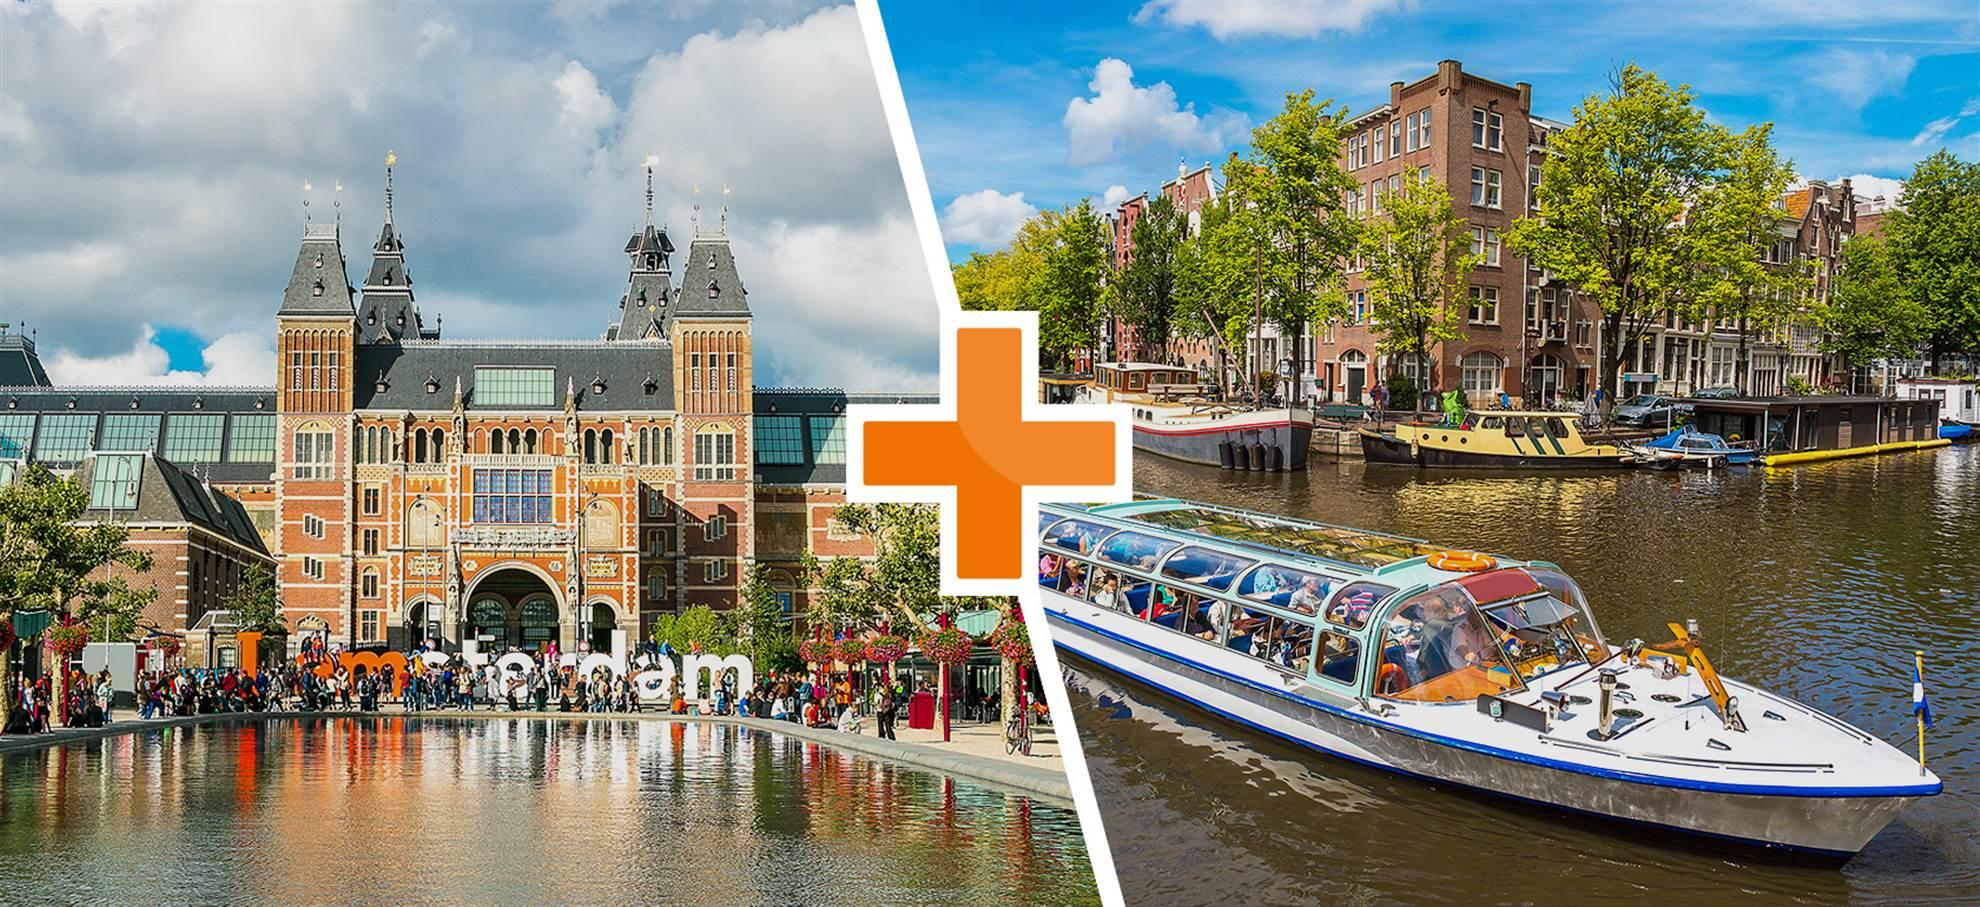 Grachtenfahrt & Rijksmuseum